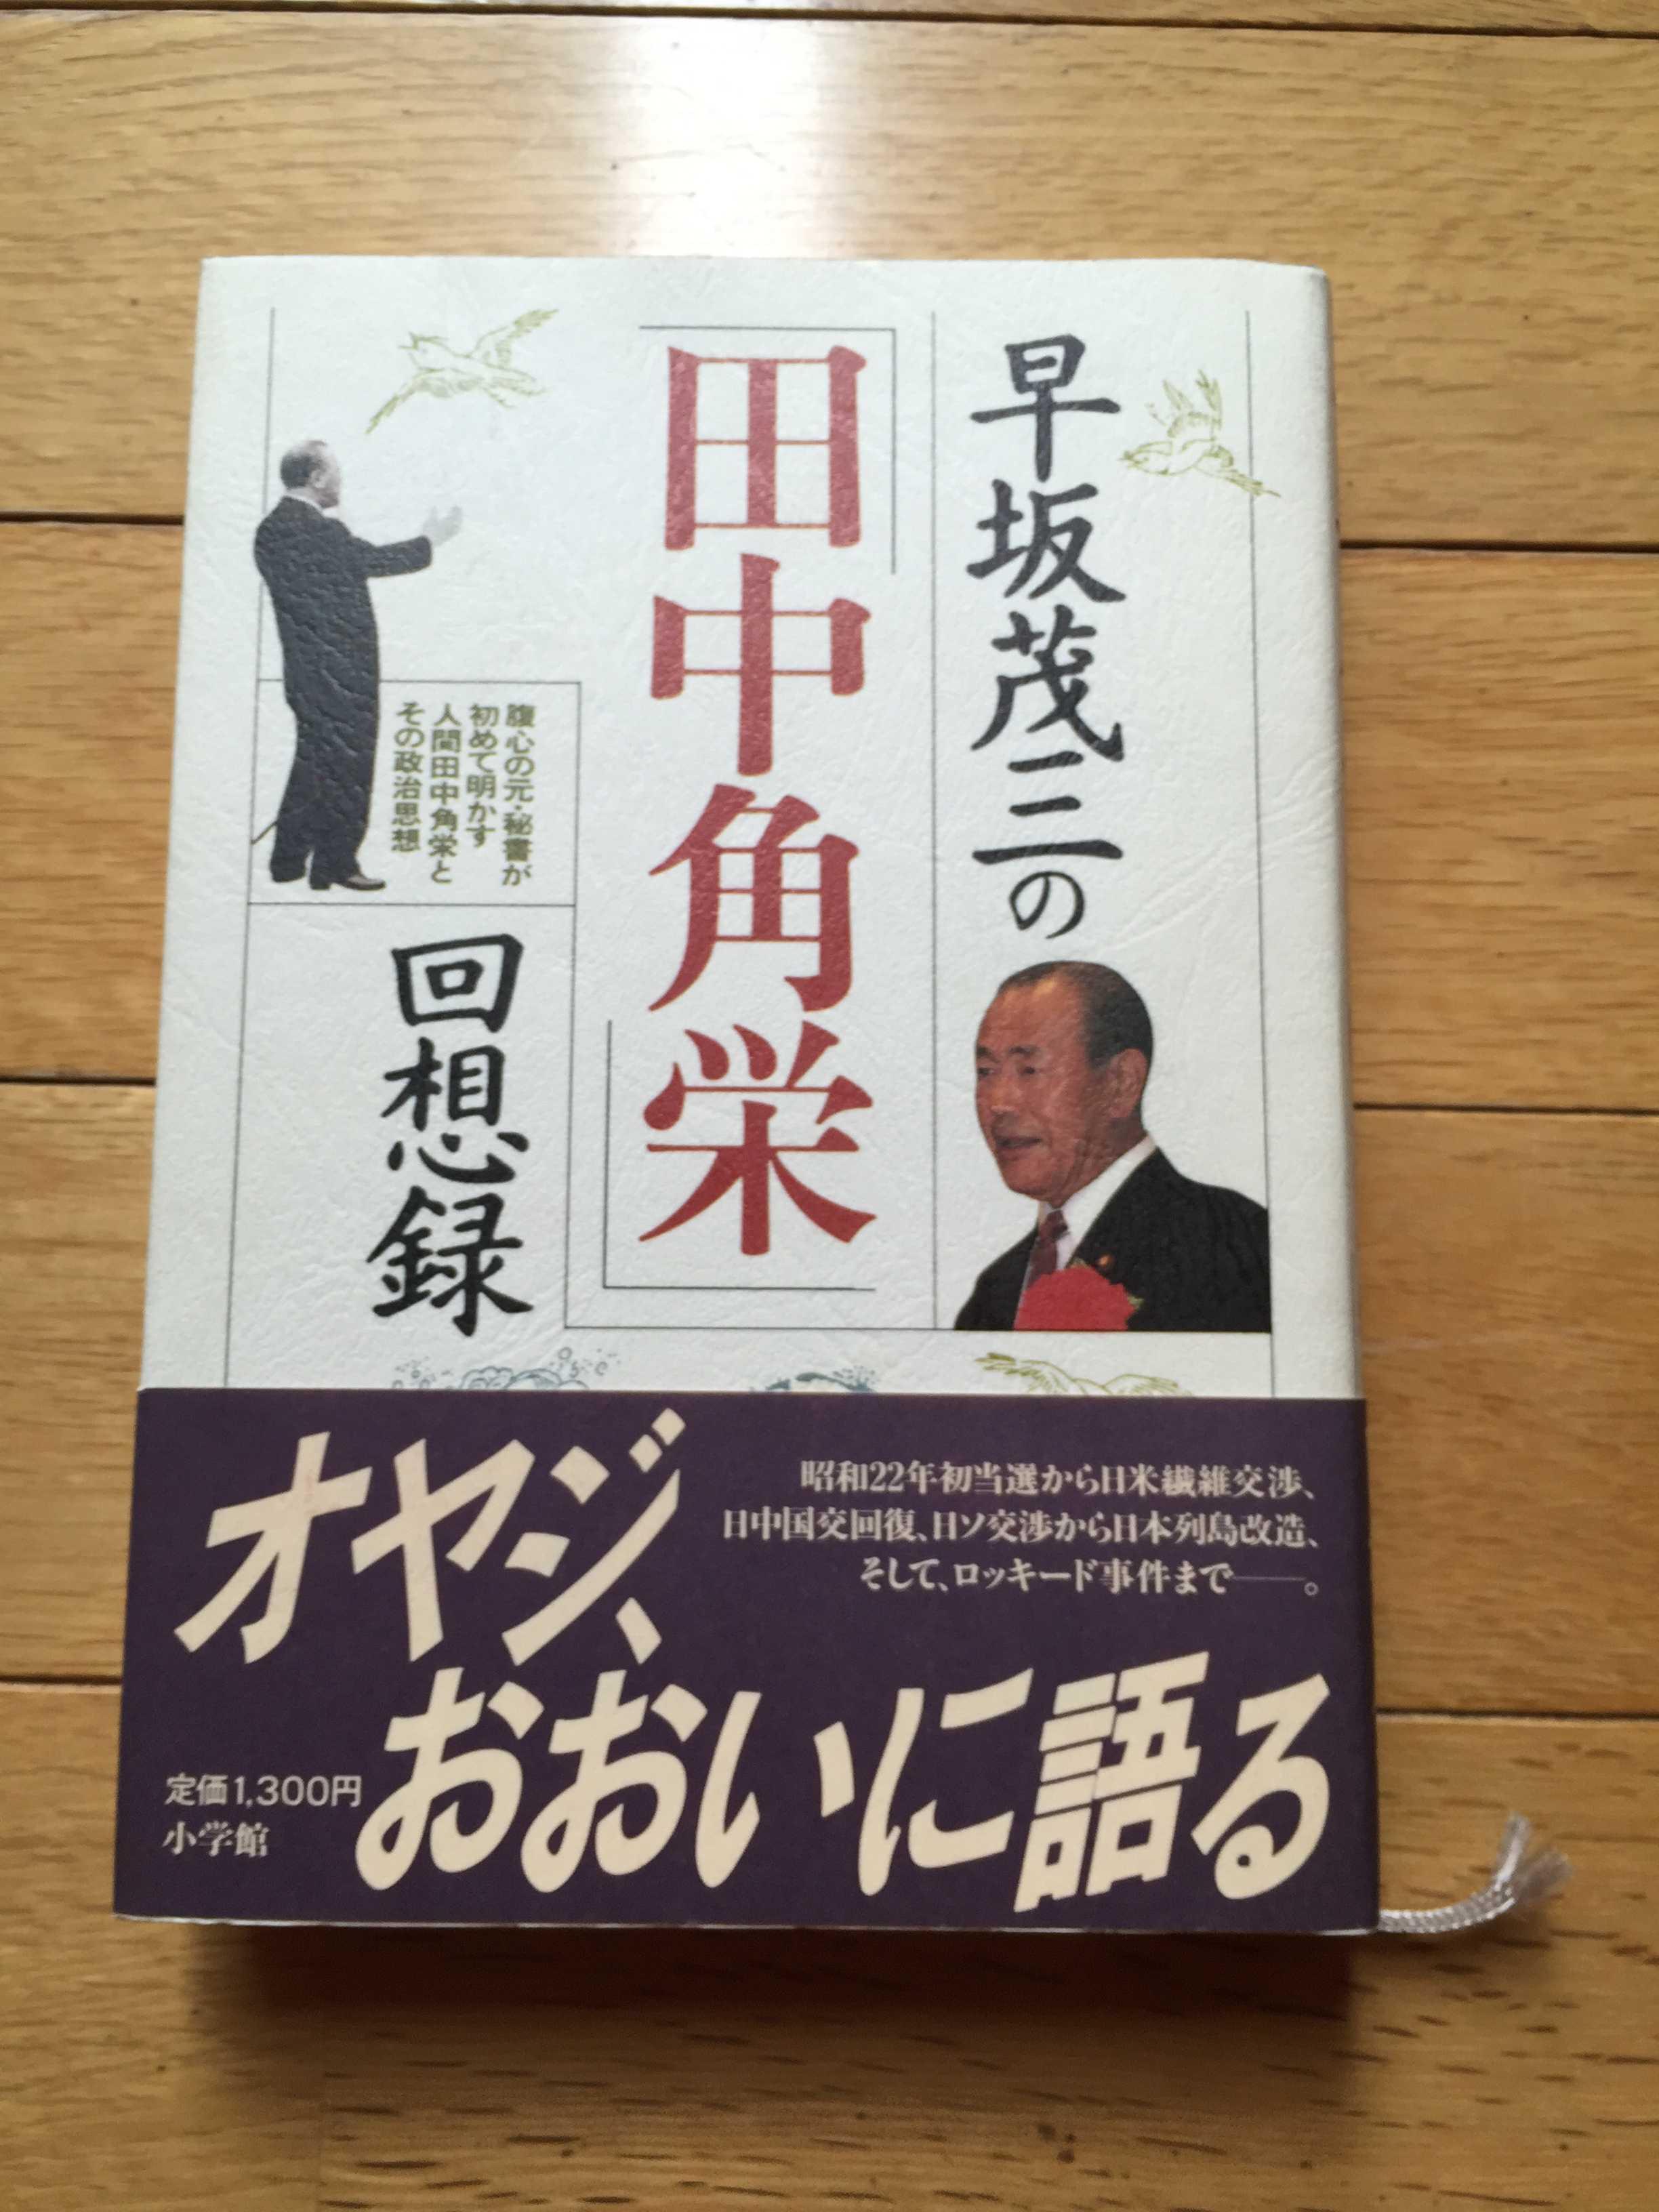 僕の蔵書: 早坂茂三の「田中角栄」回想録